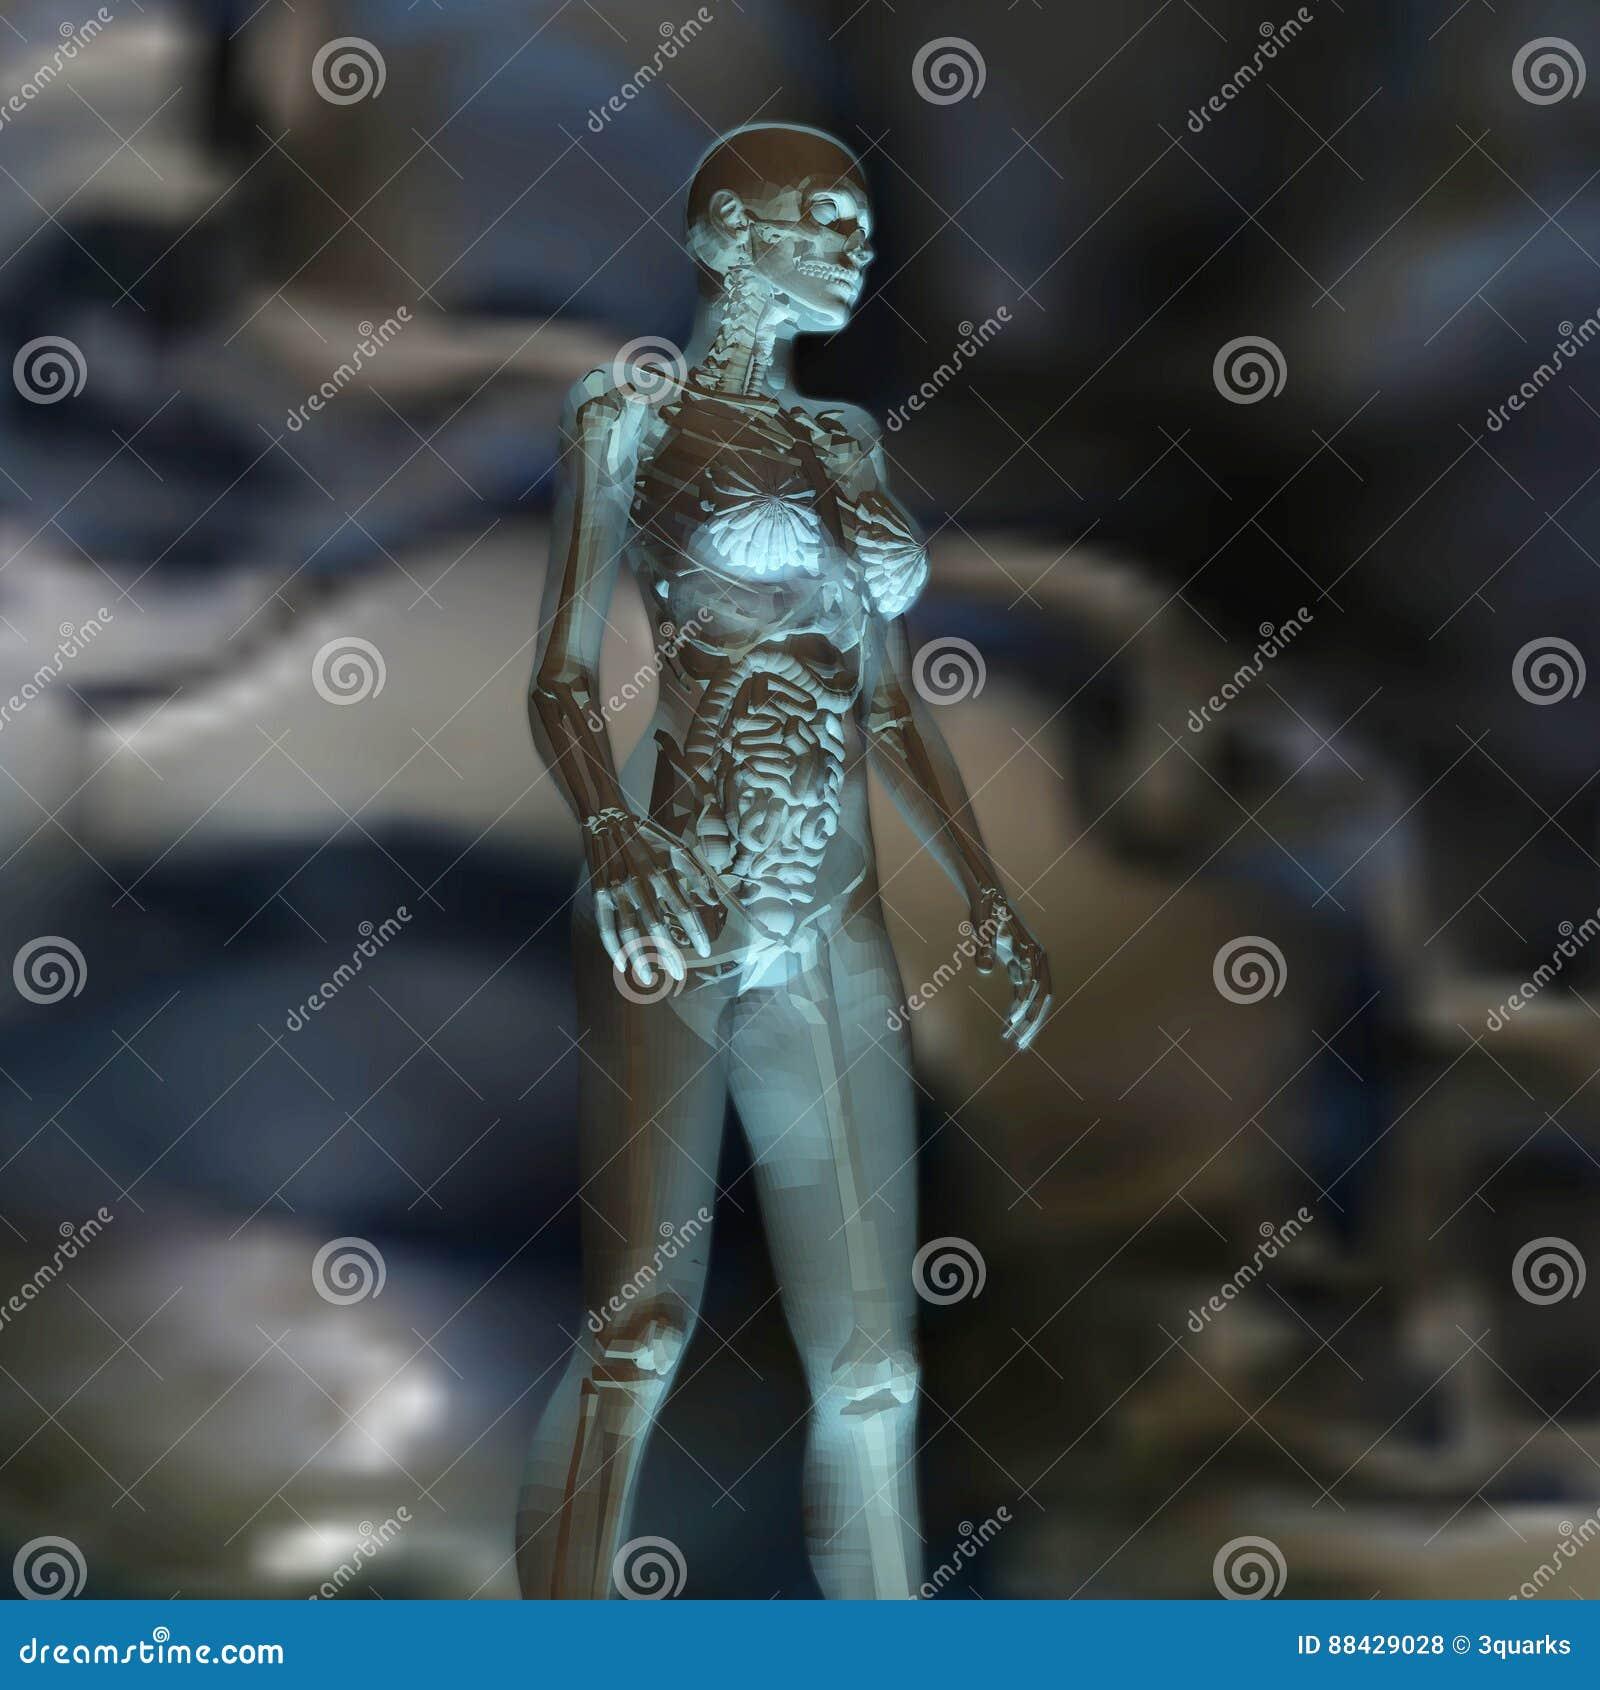 Digital Rendering of the female human Anatomy